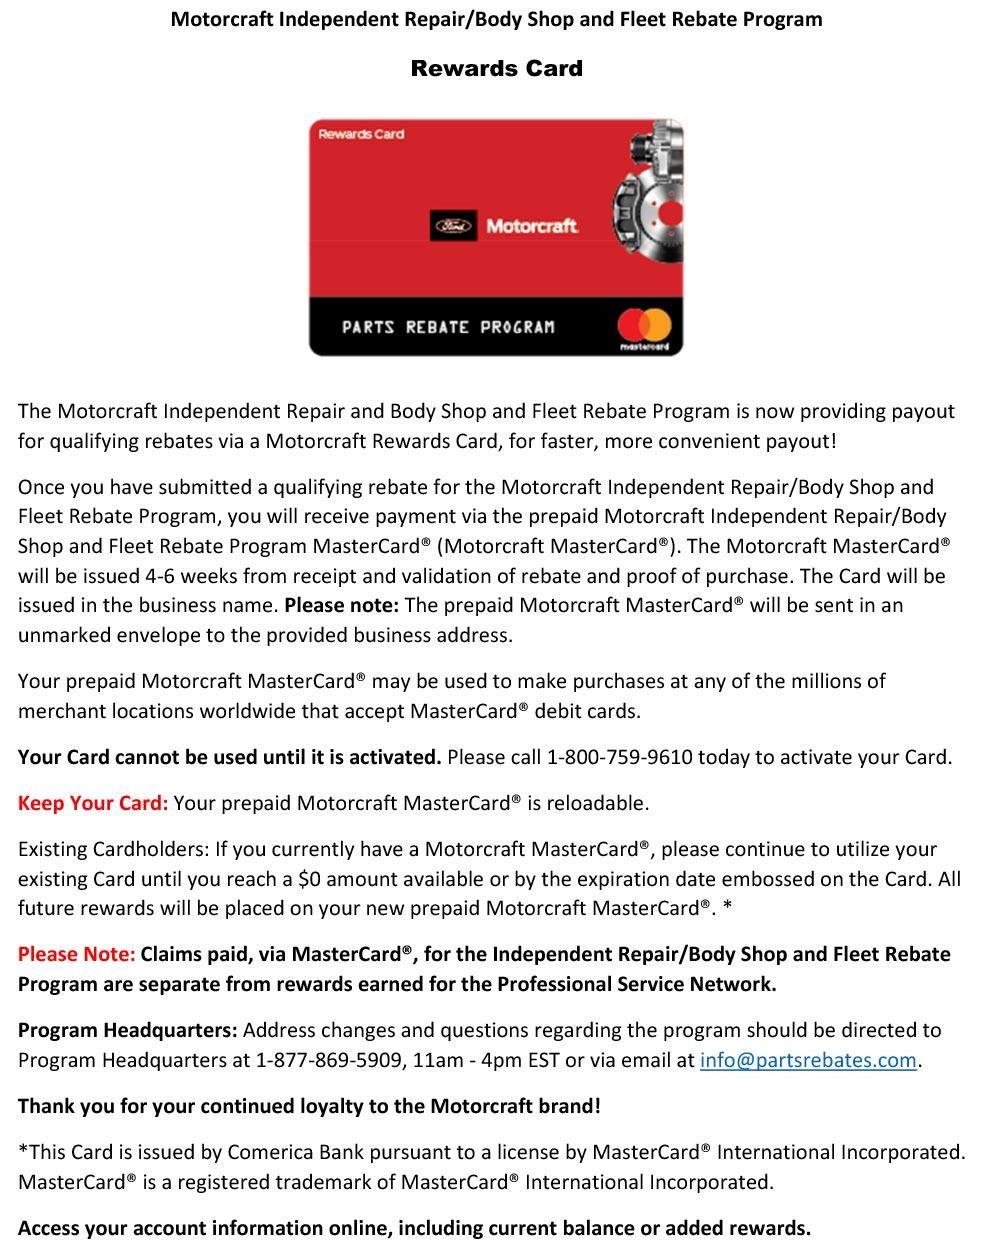 Motorcraft-Rewards-Card-Detail-1.jpg